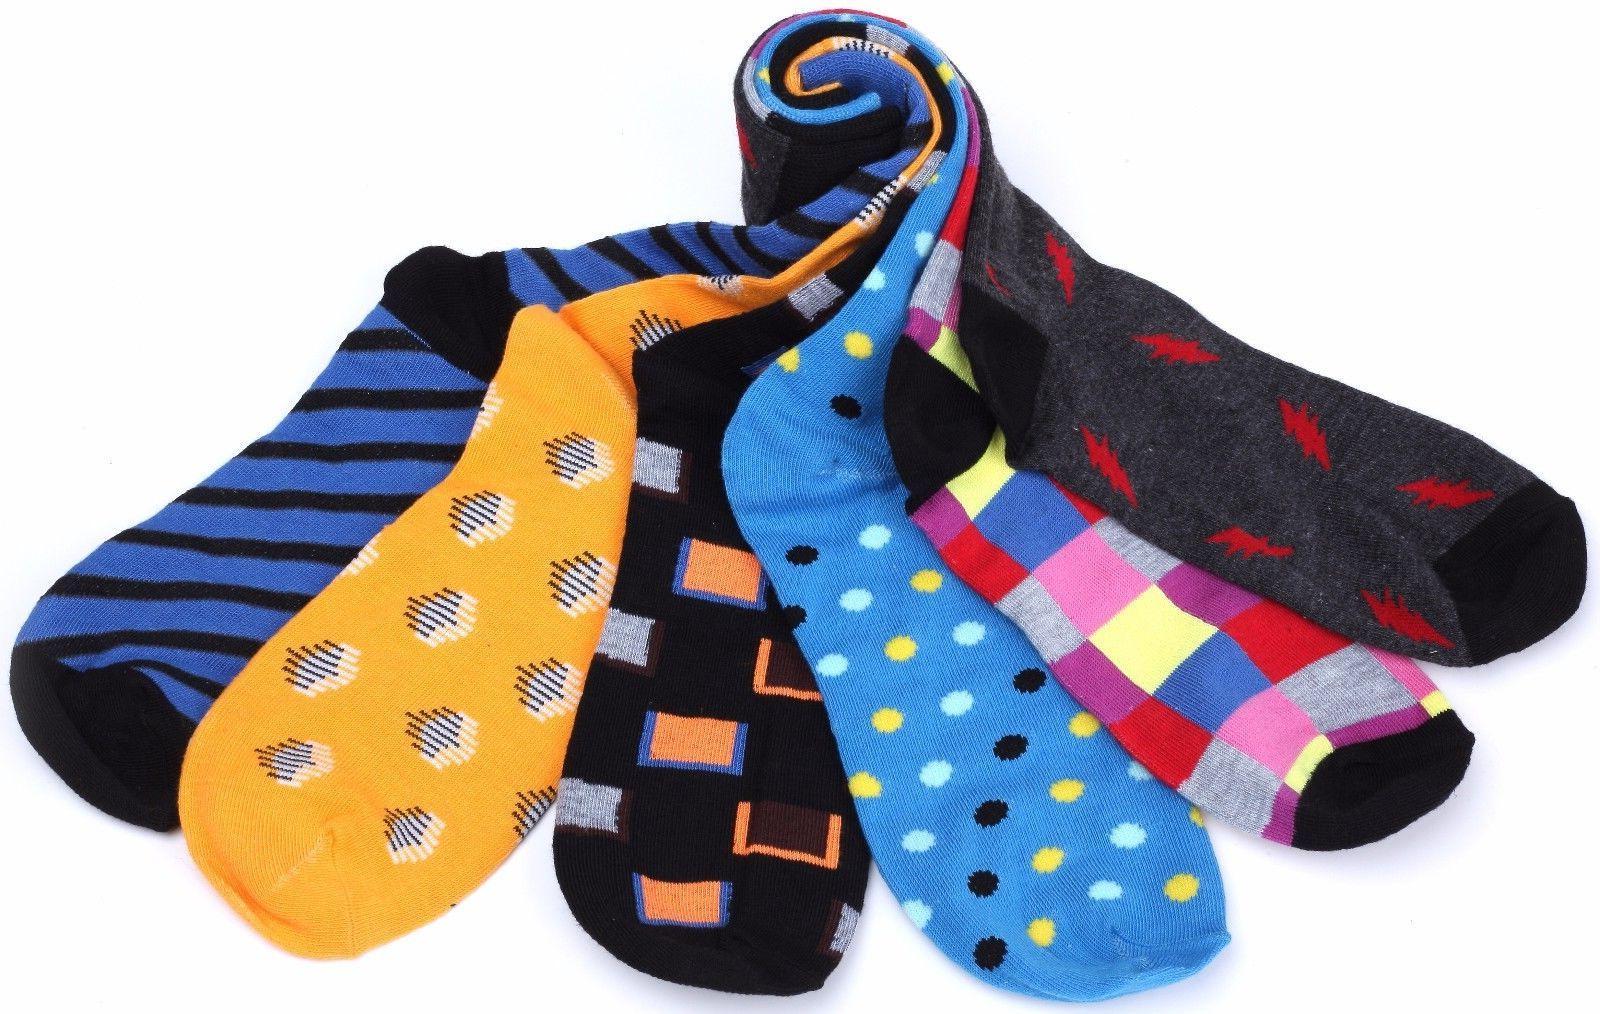 Gallery Socks. Funky Socks for - Pack